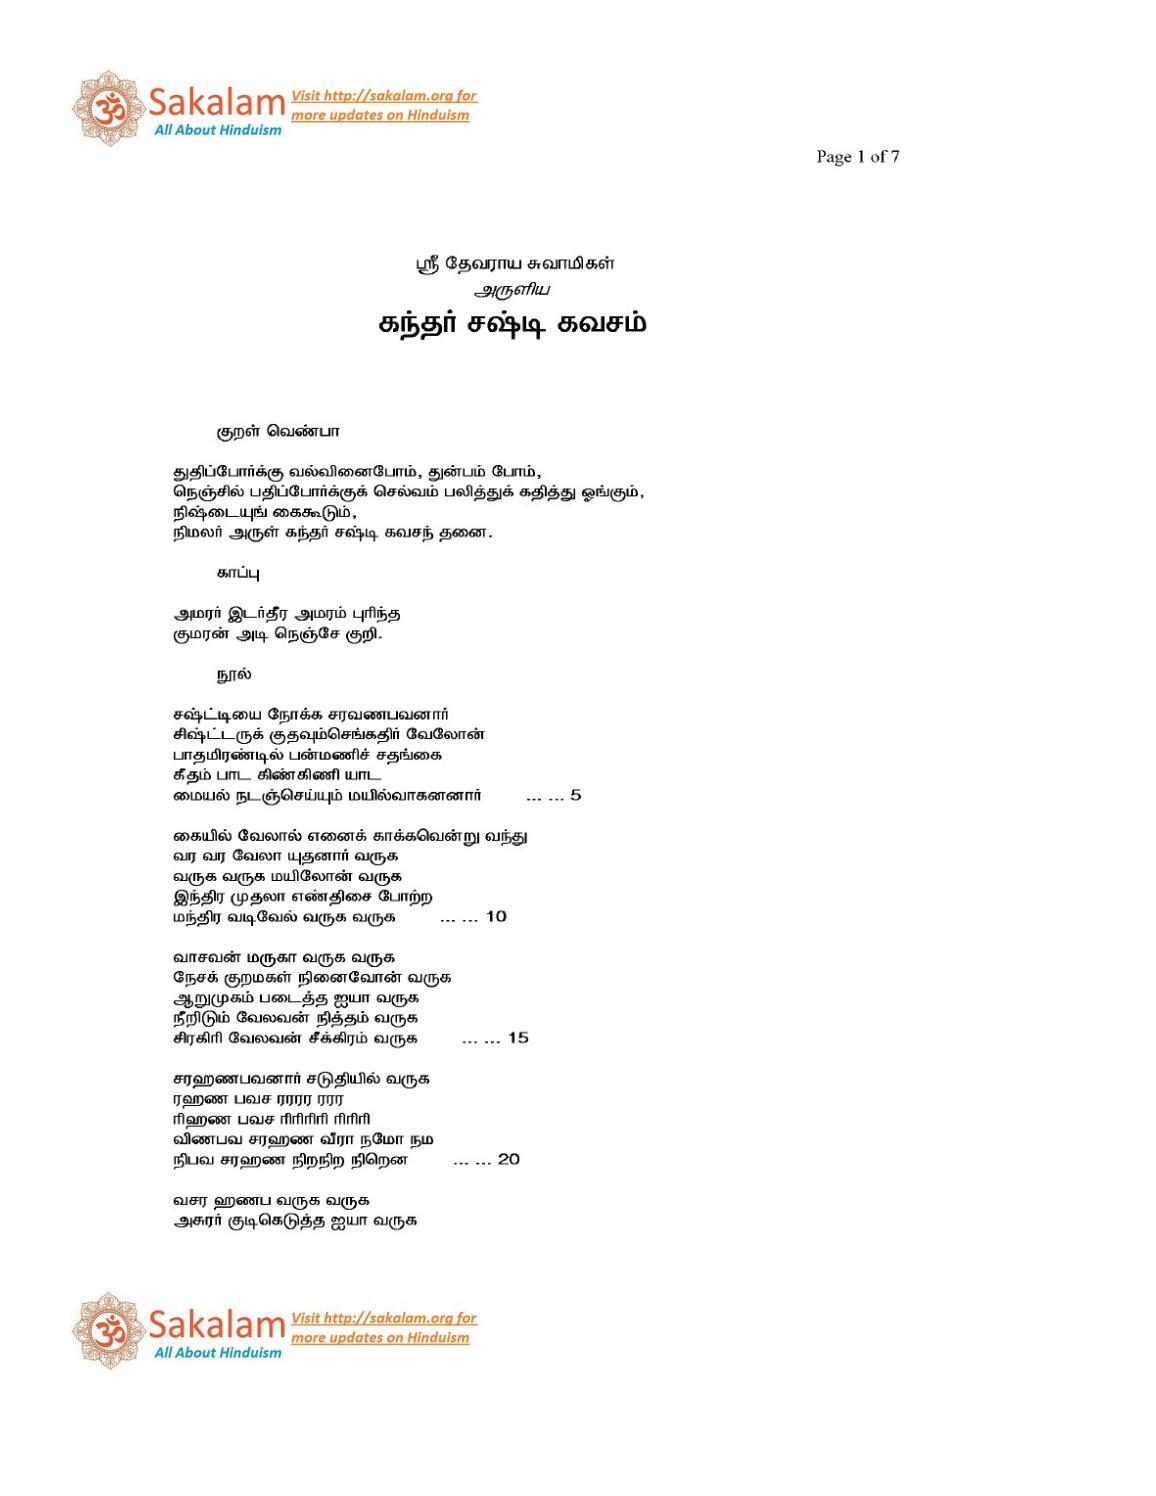 Kanda Sashti Kavasam Pdf In Tamil By Sakalam Org Issuu